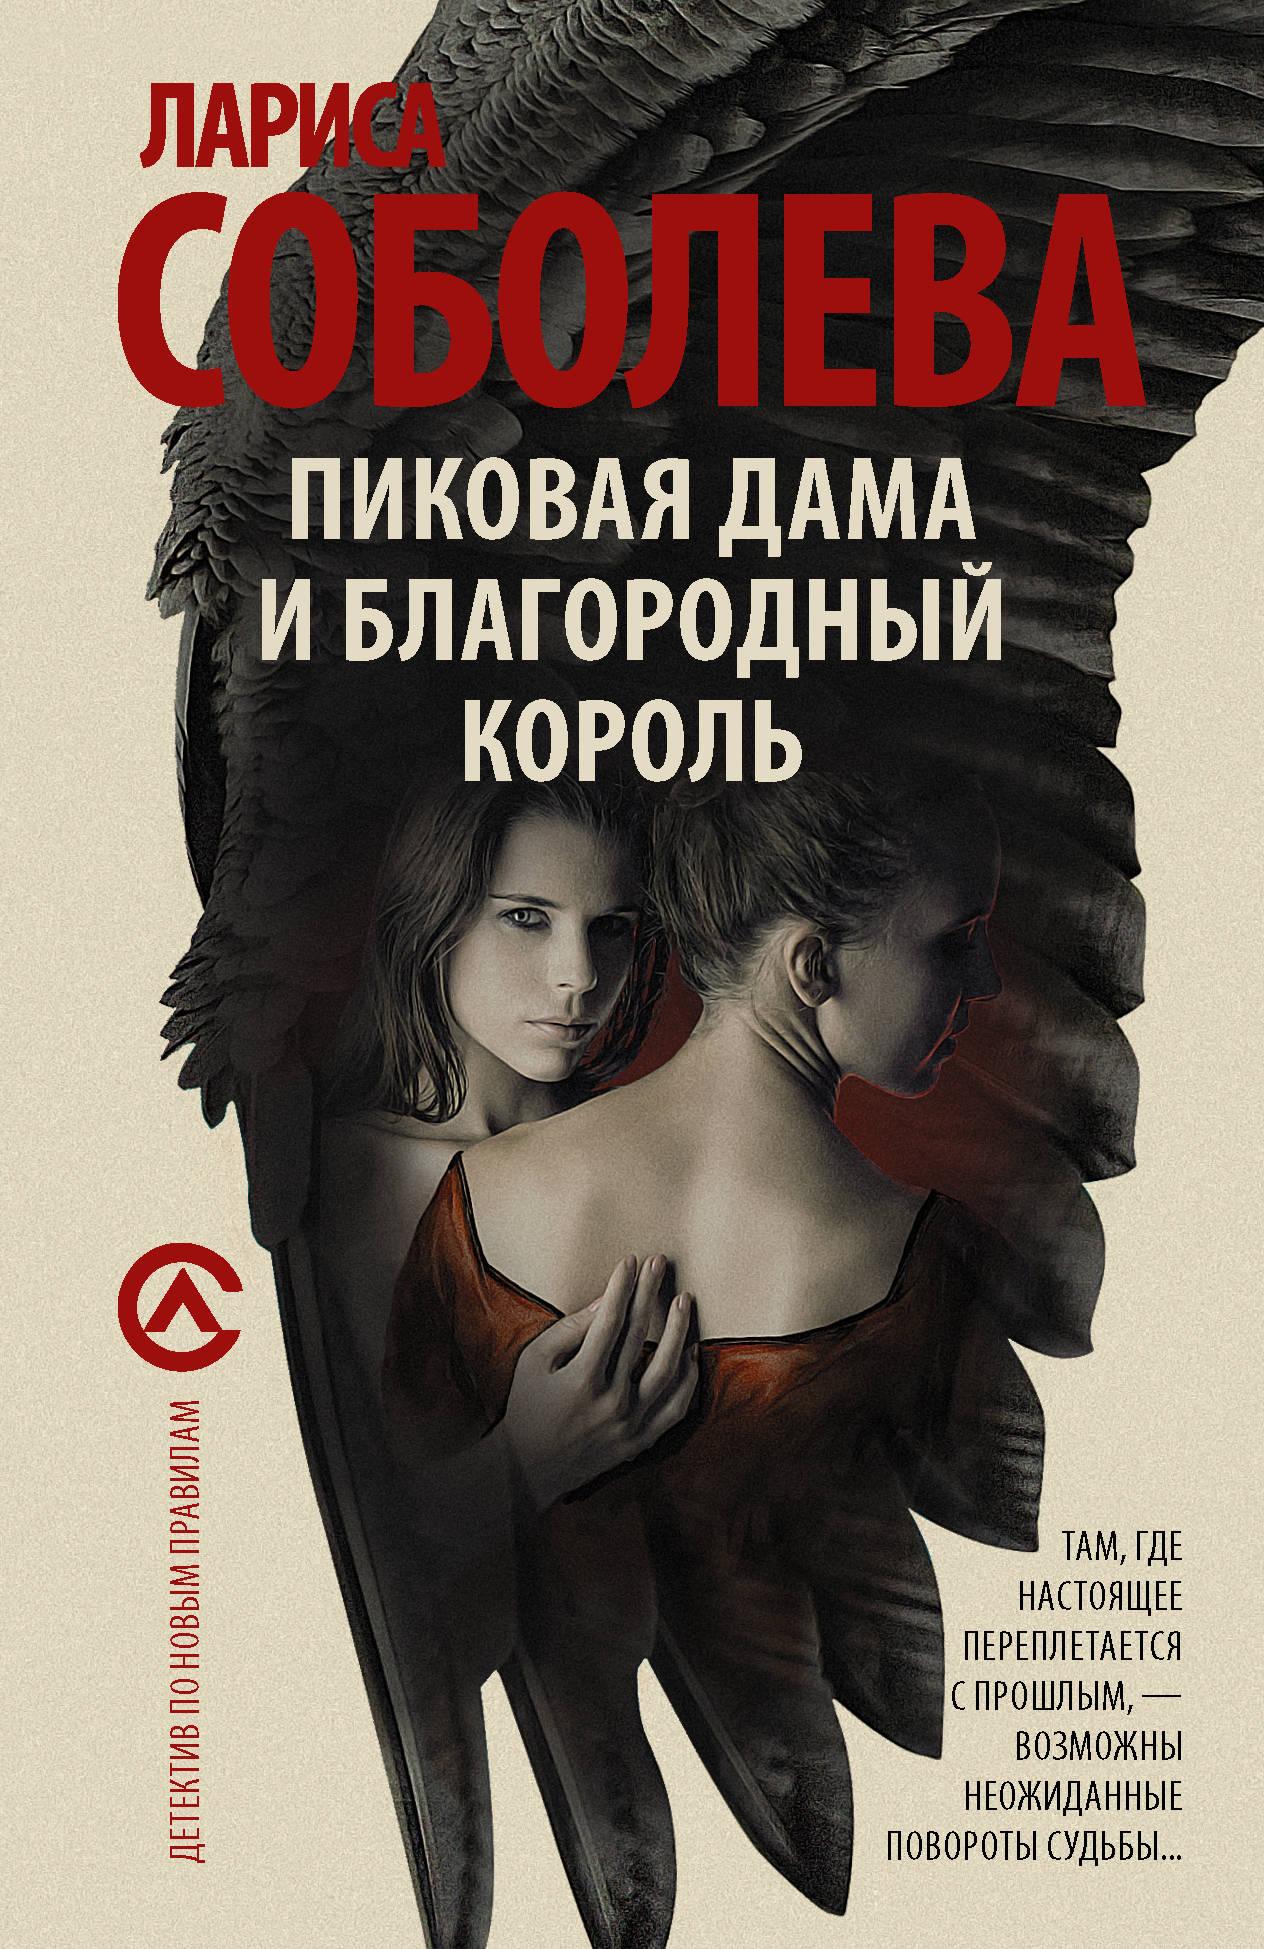 Лариса Соболева Пиковая дама и благородный король ISBN: 978-5-17-104238-7